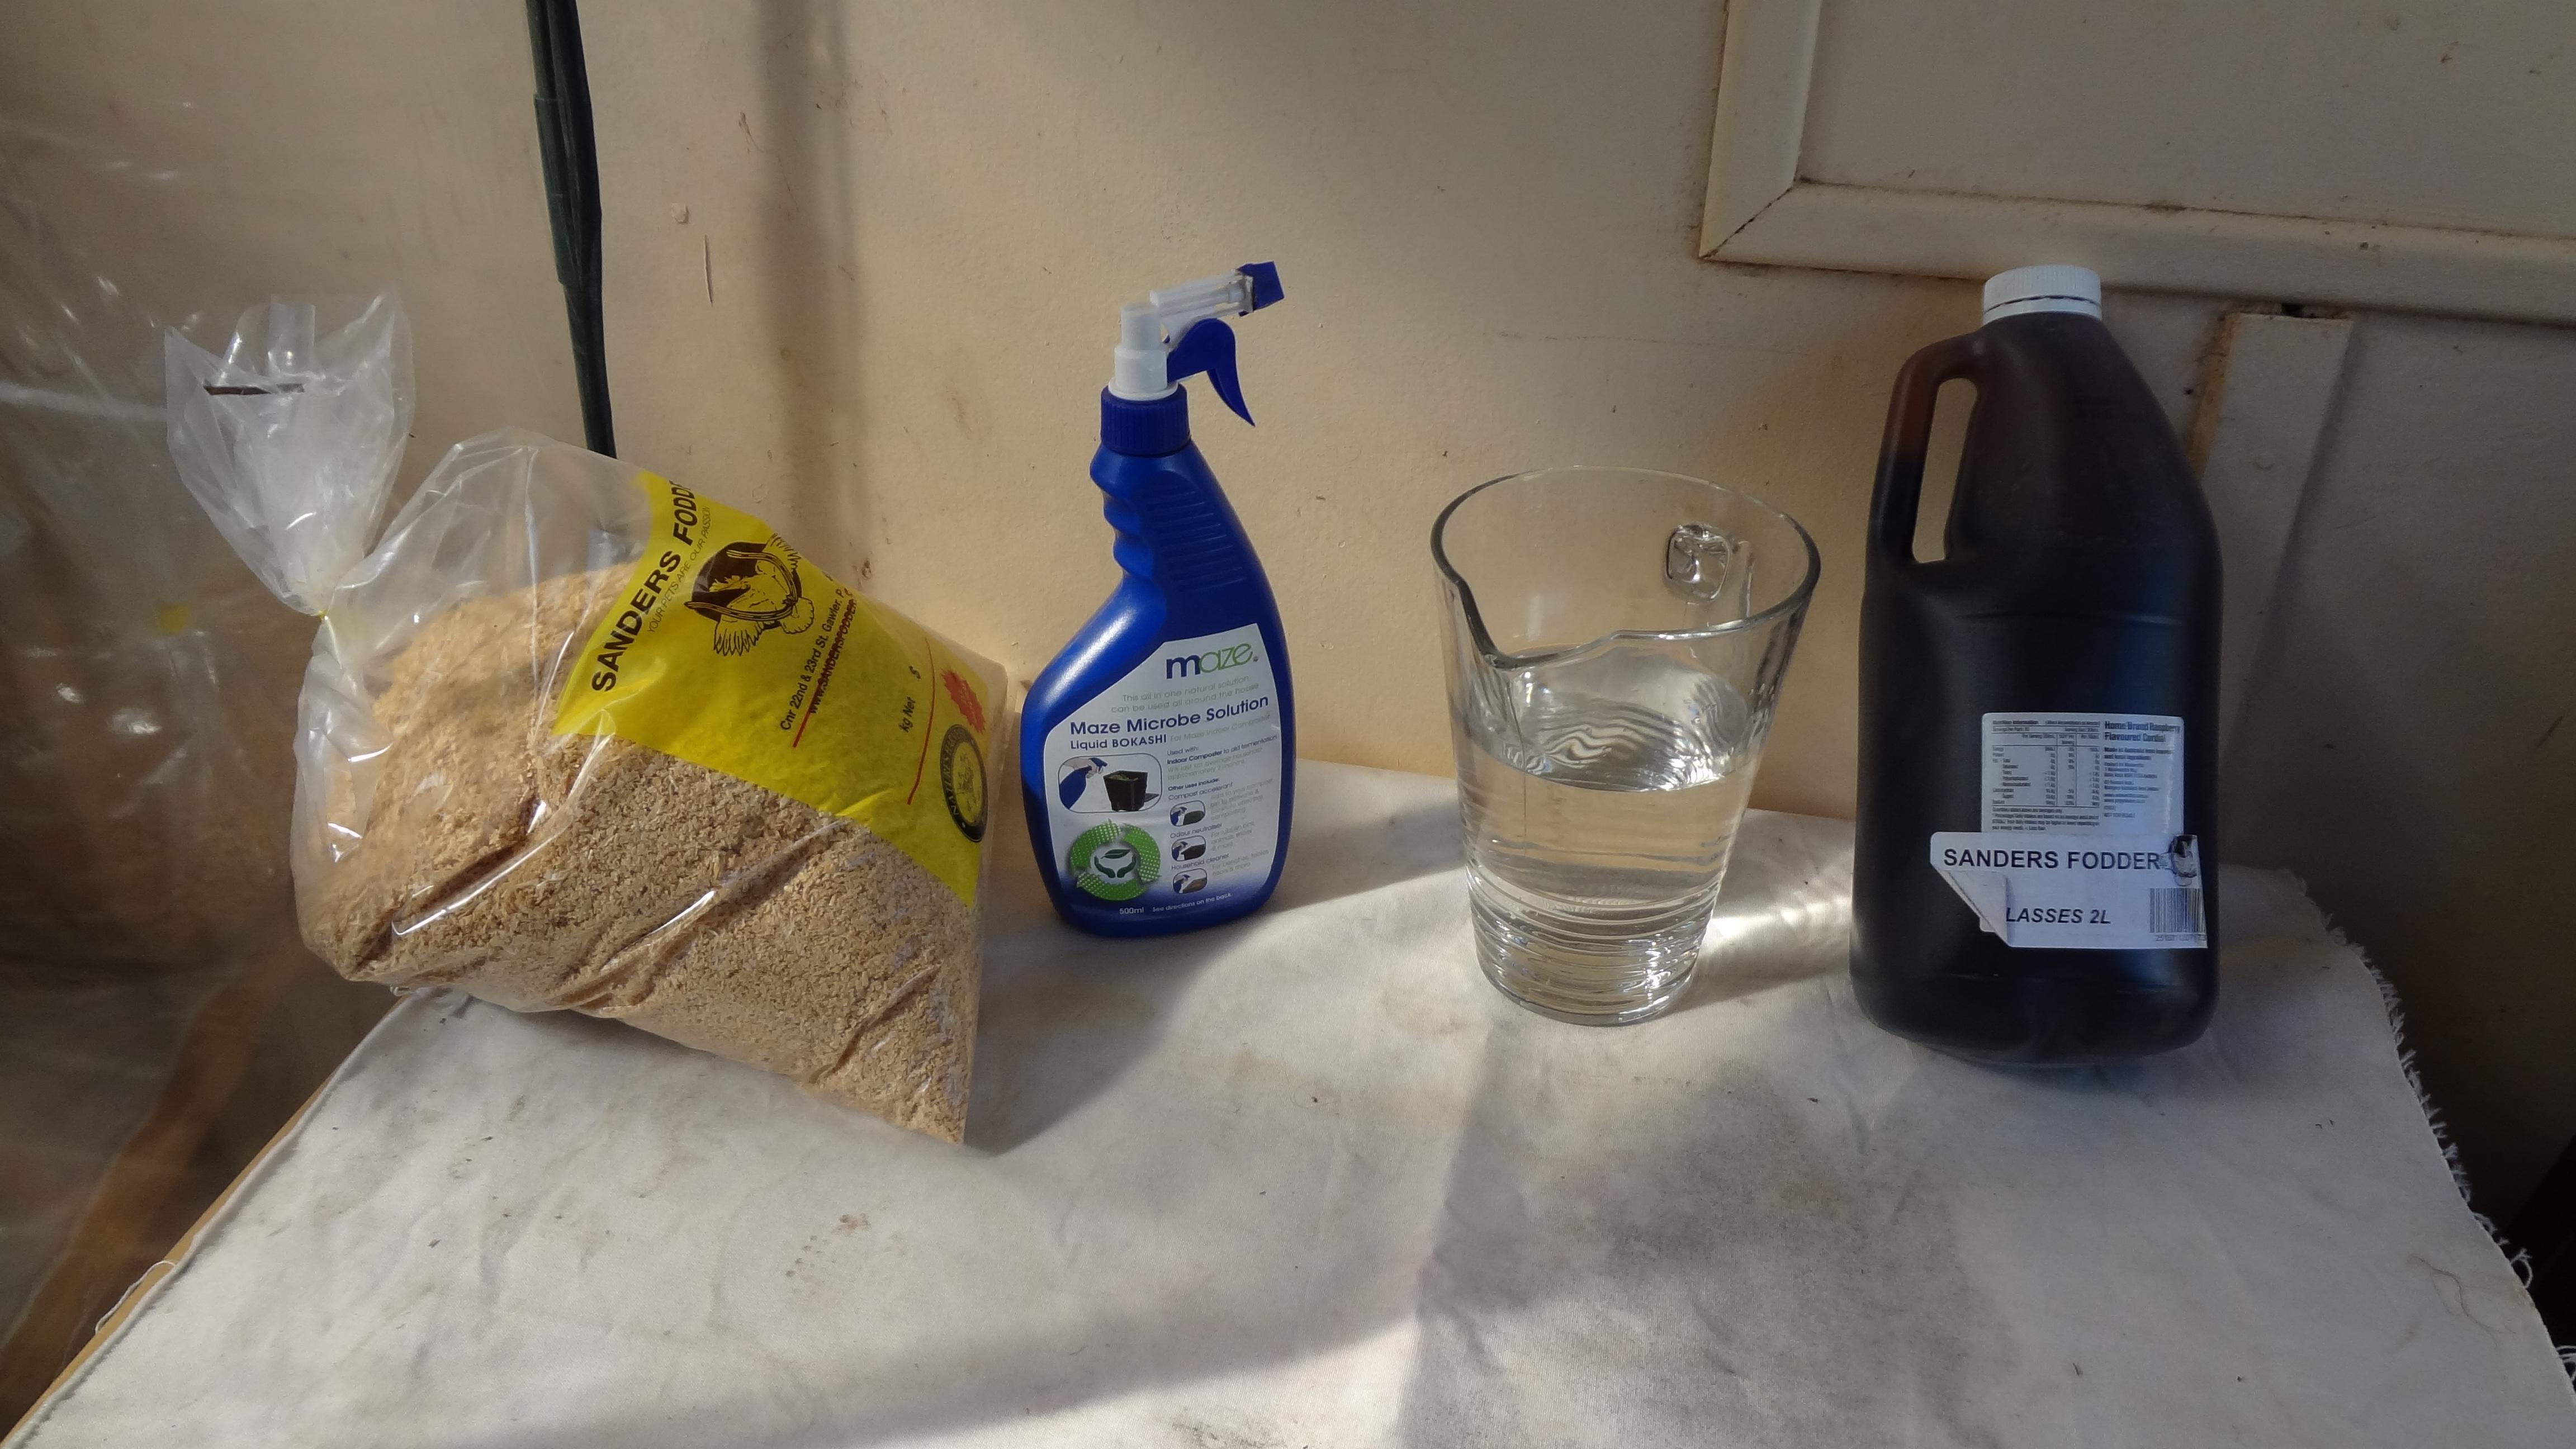 Ingredients for making Bokashi bran